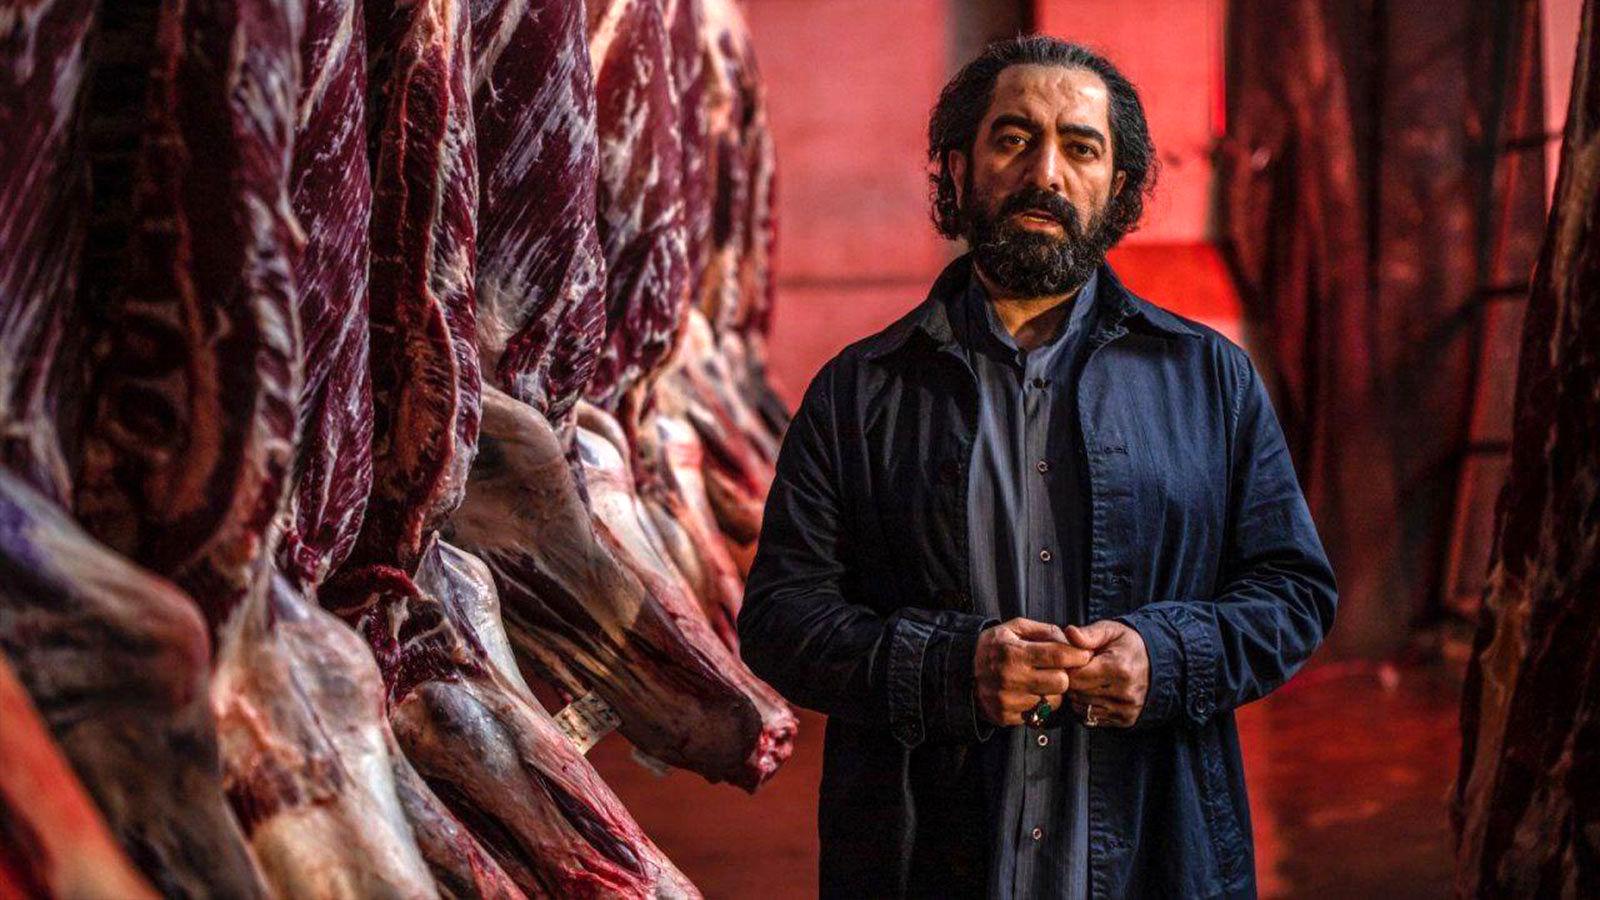 مجید صالحی: عاشق پرستار مادرم شدم | عکس همسر مجید صالحی